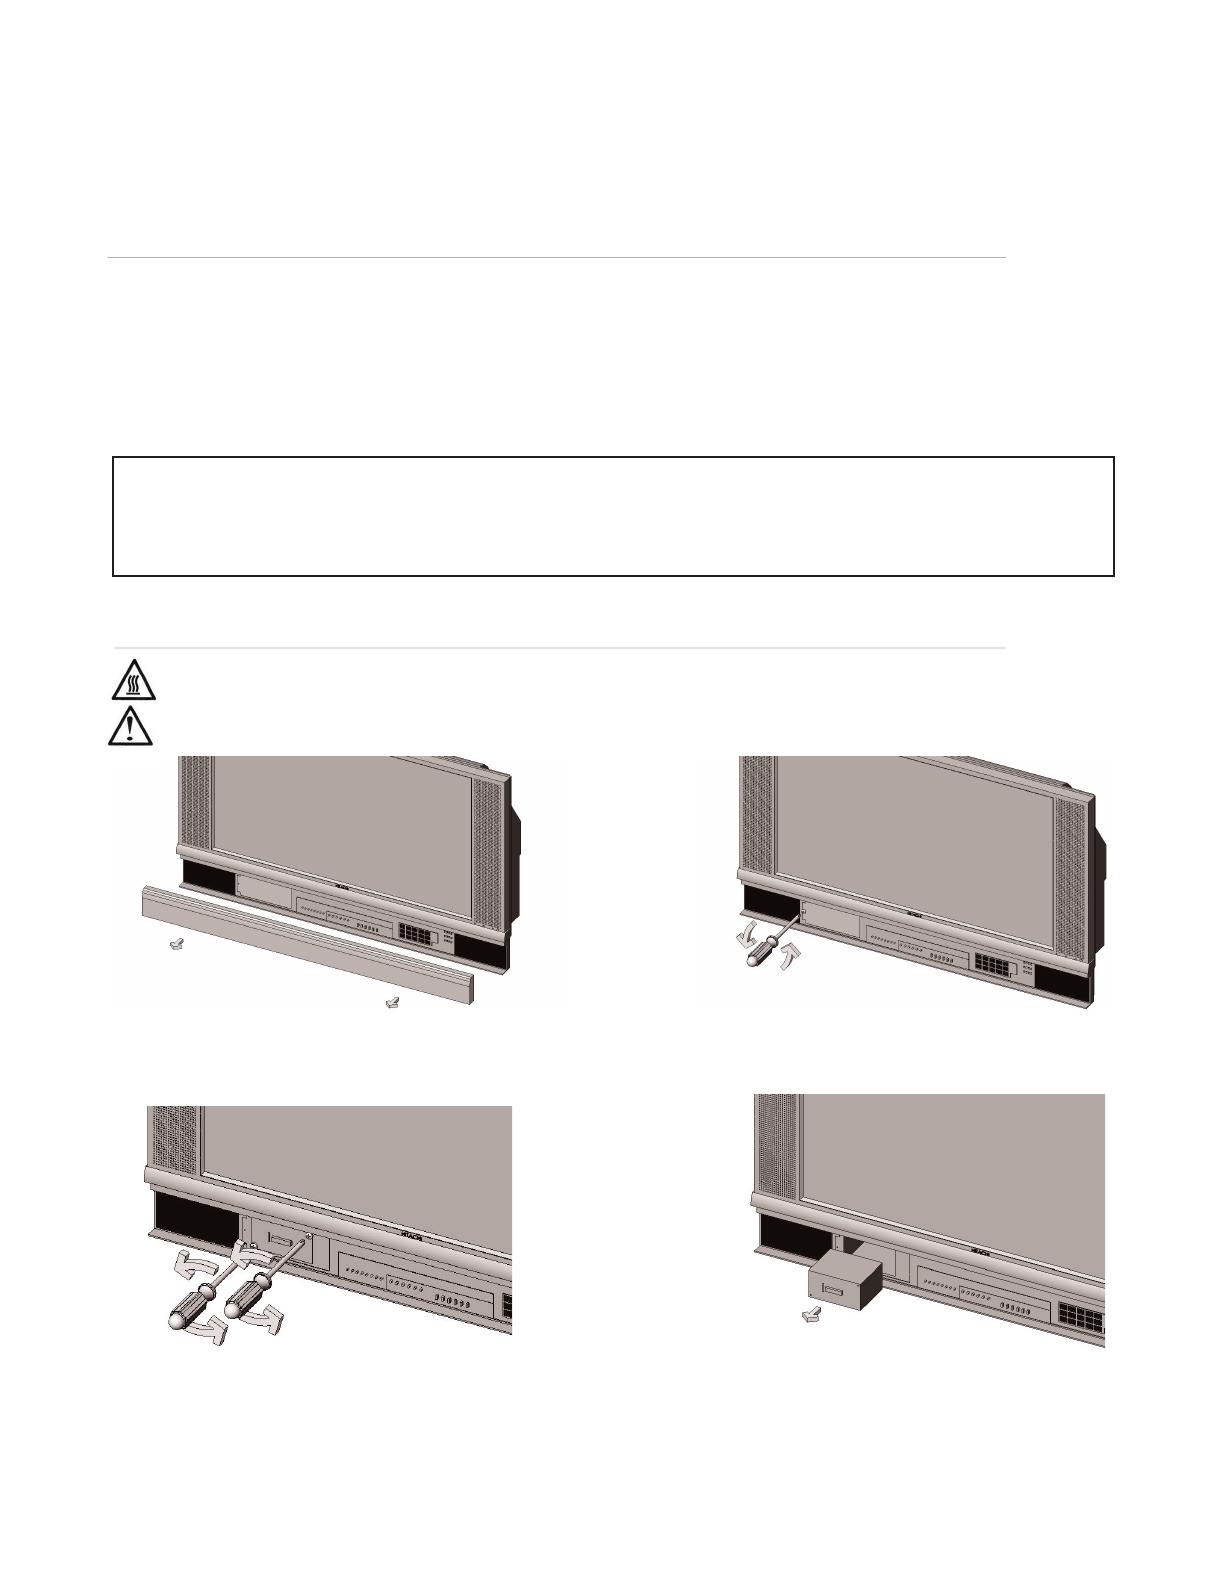 hitachi indoor furnishings ux21513 user guide manualsonline com John Deere Manuals Hitachi TV Repair Manual